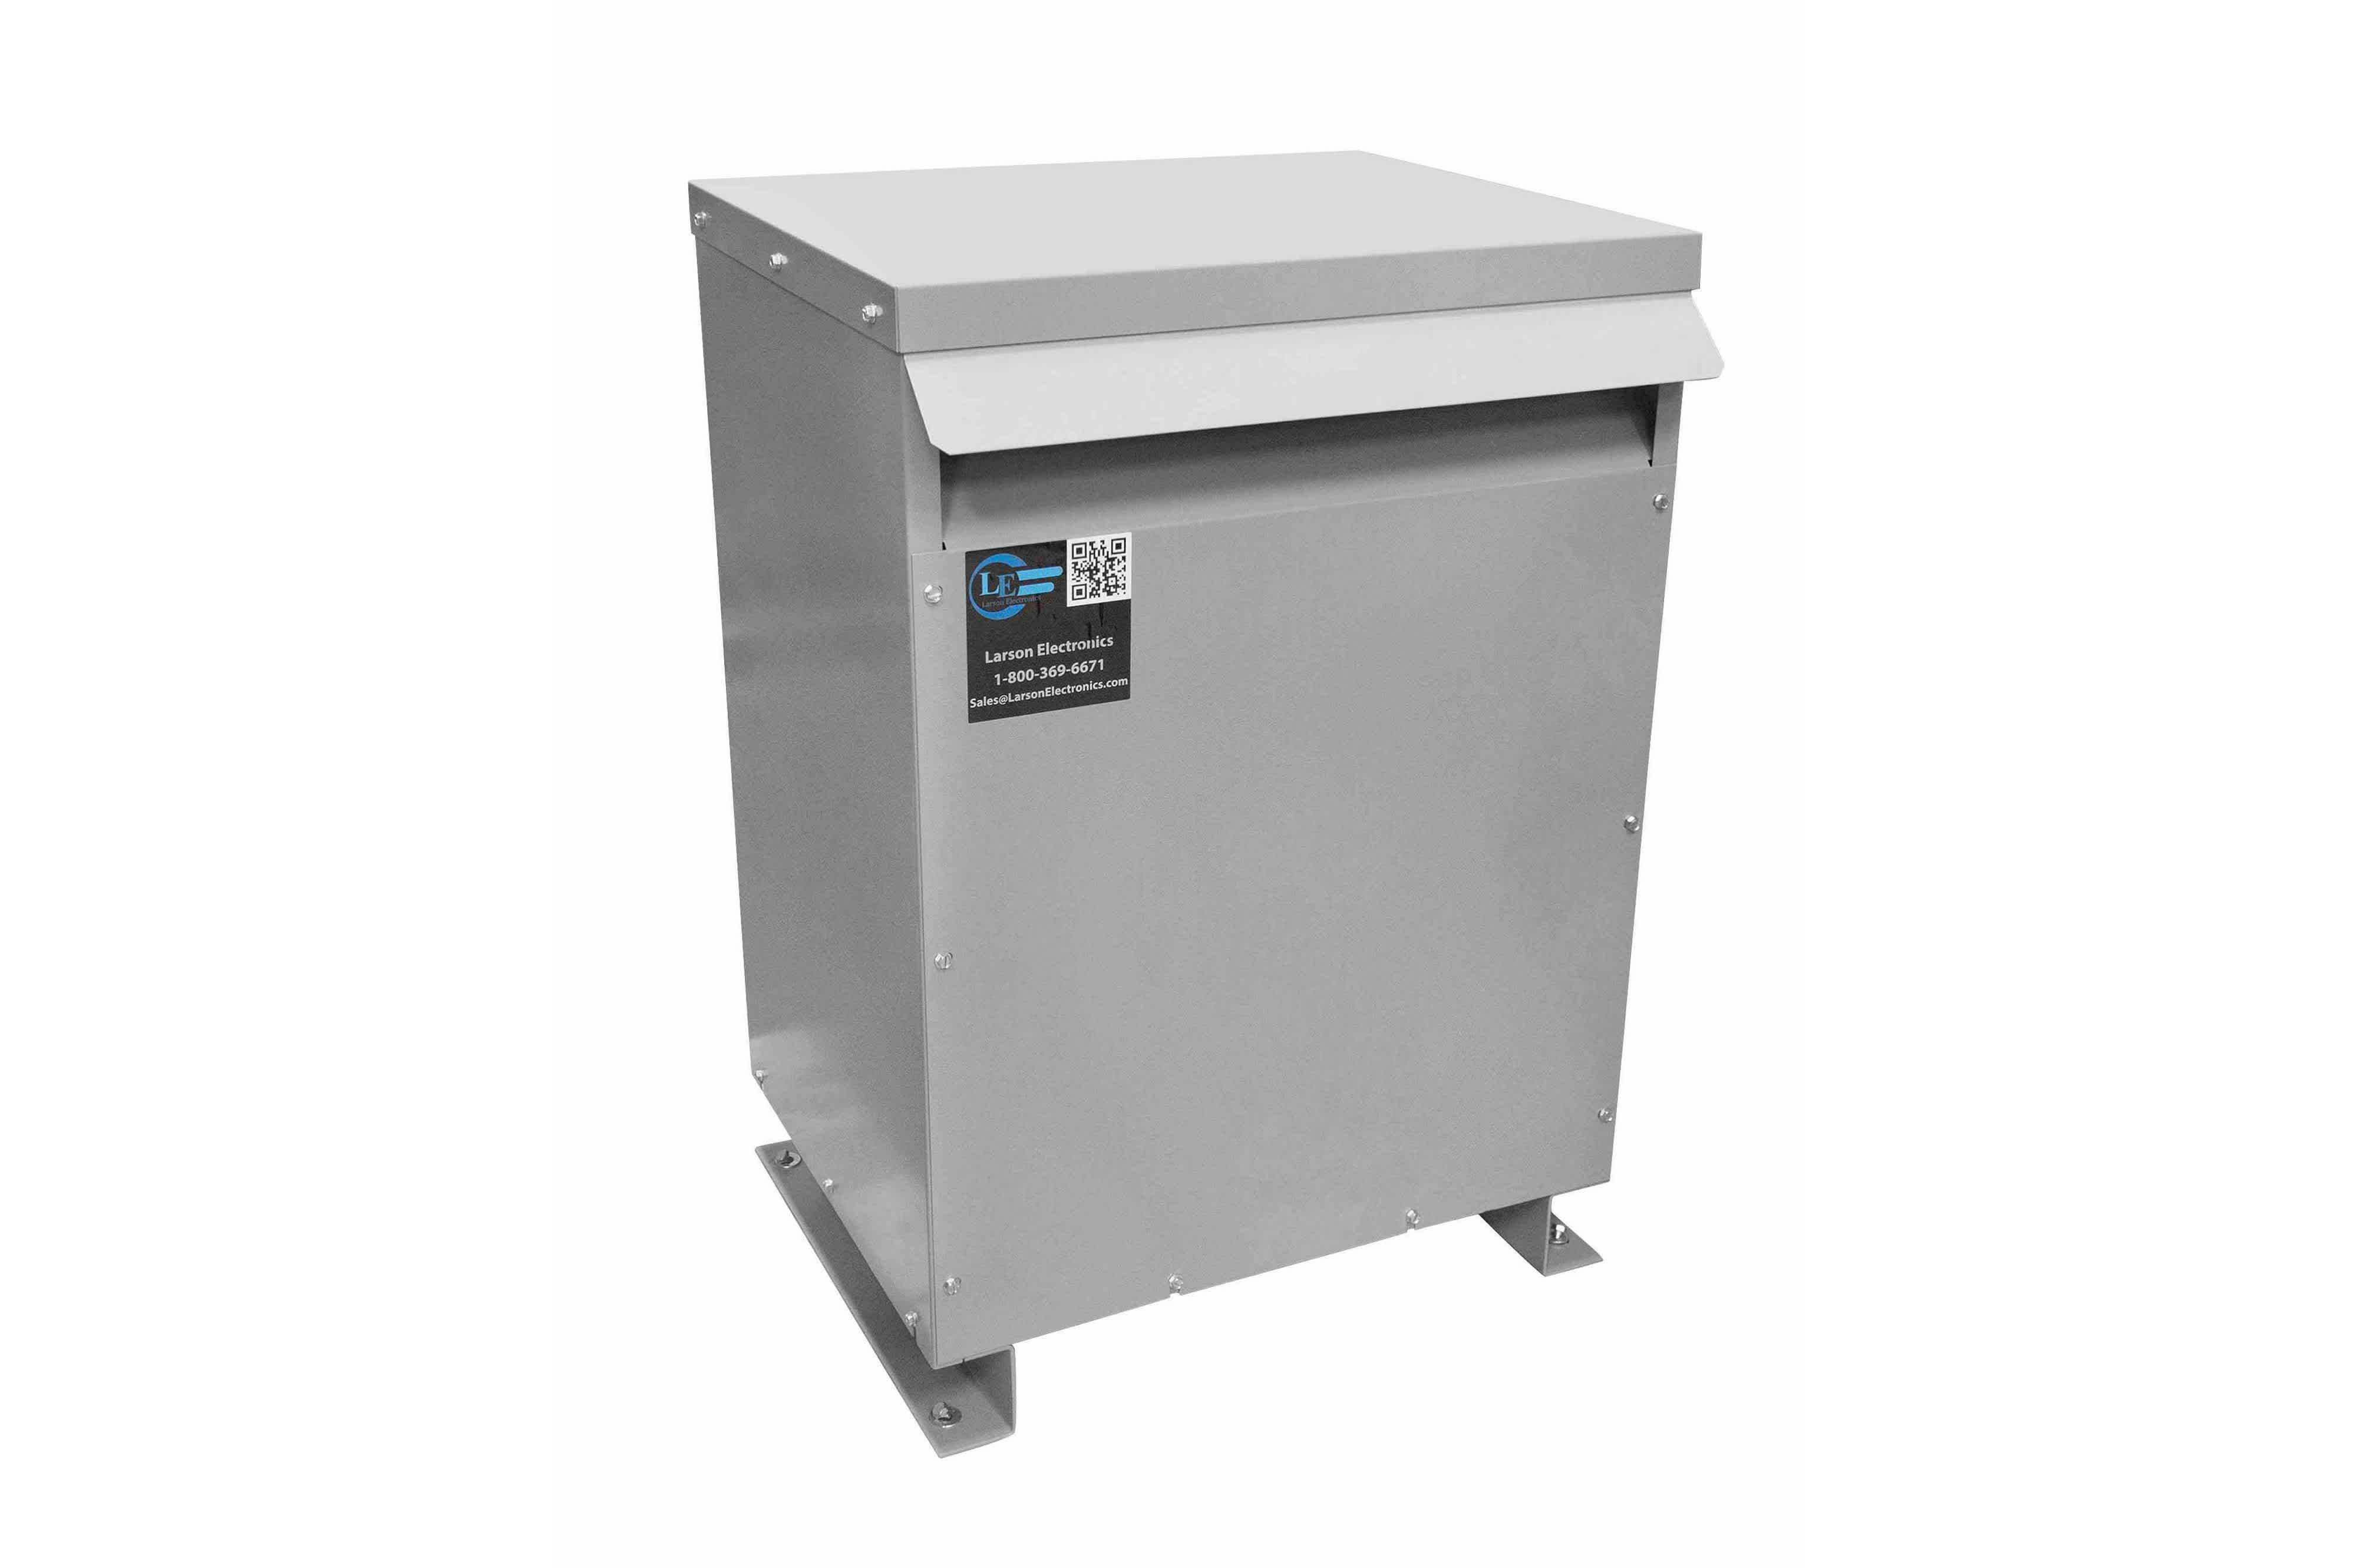 115 kVA 3PH Isolation Transformer, 480V Delta Primary, 575V Delta Secondary, N3R, Ventilated, 60 Hz